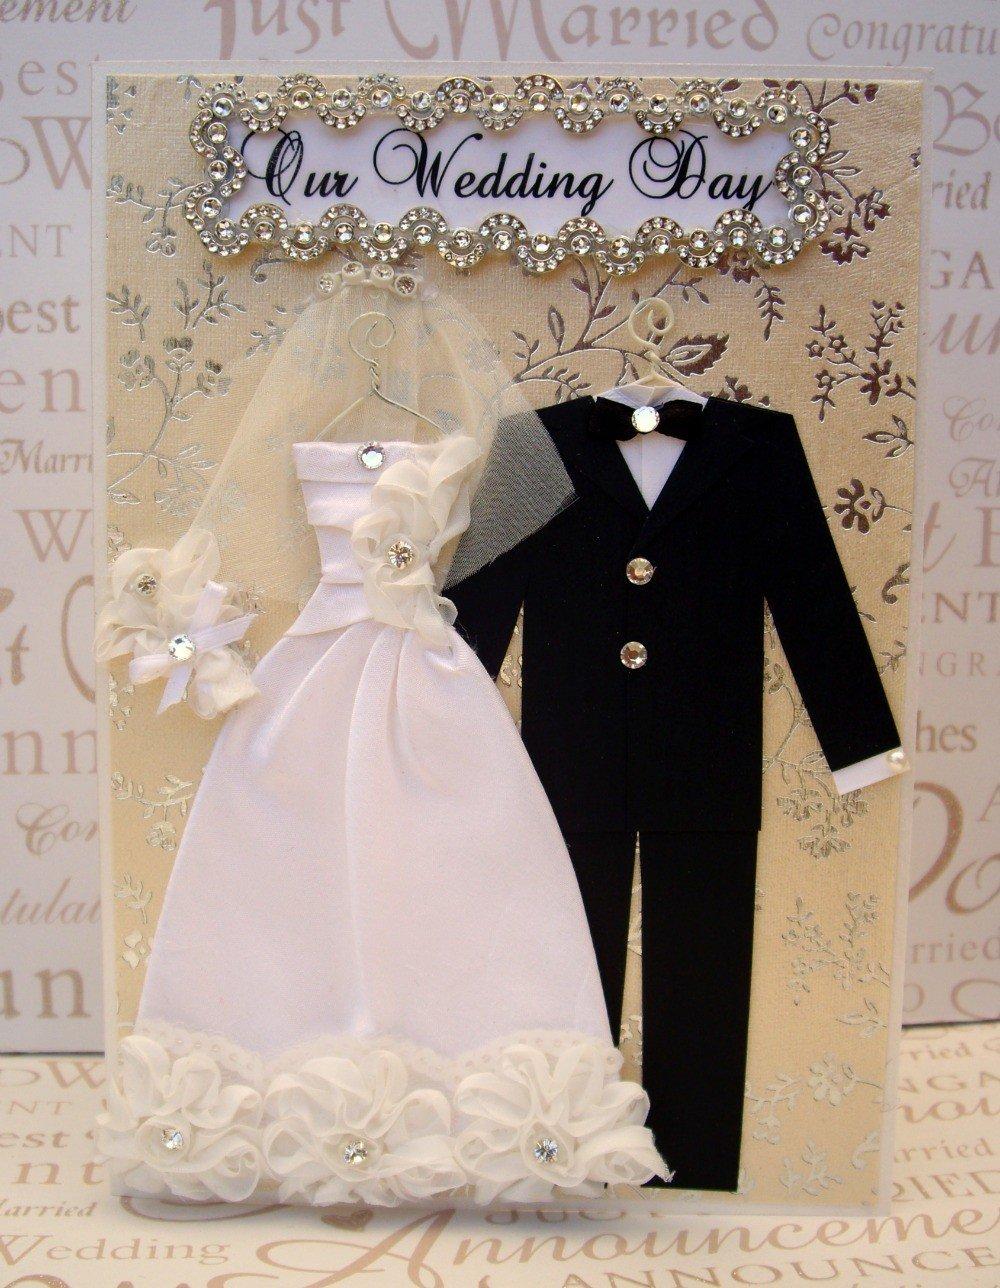 Открытка для жениха и невесты своими руками, открыток английскому языку